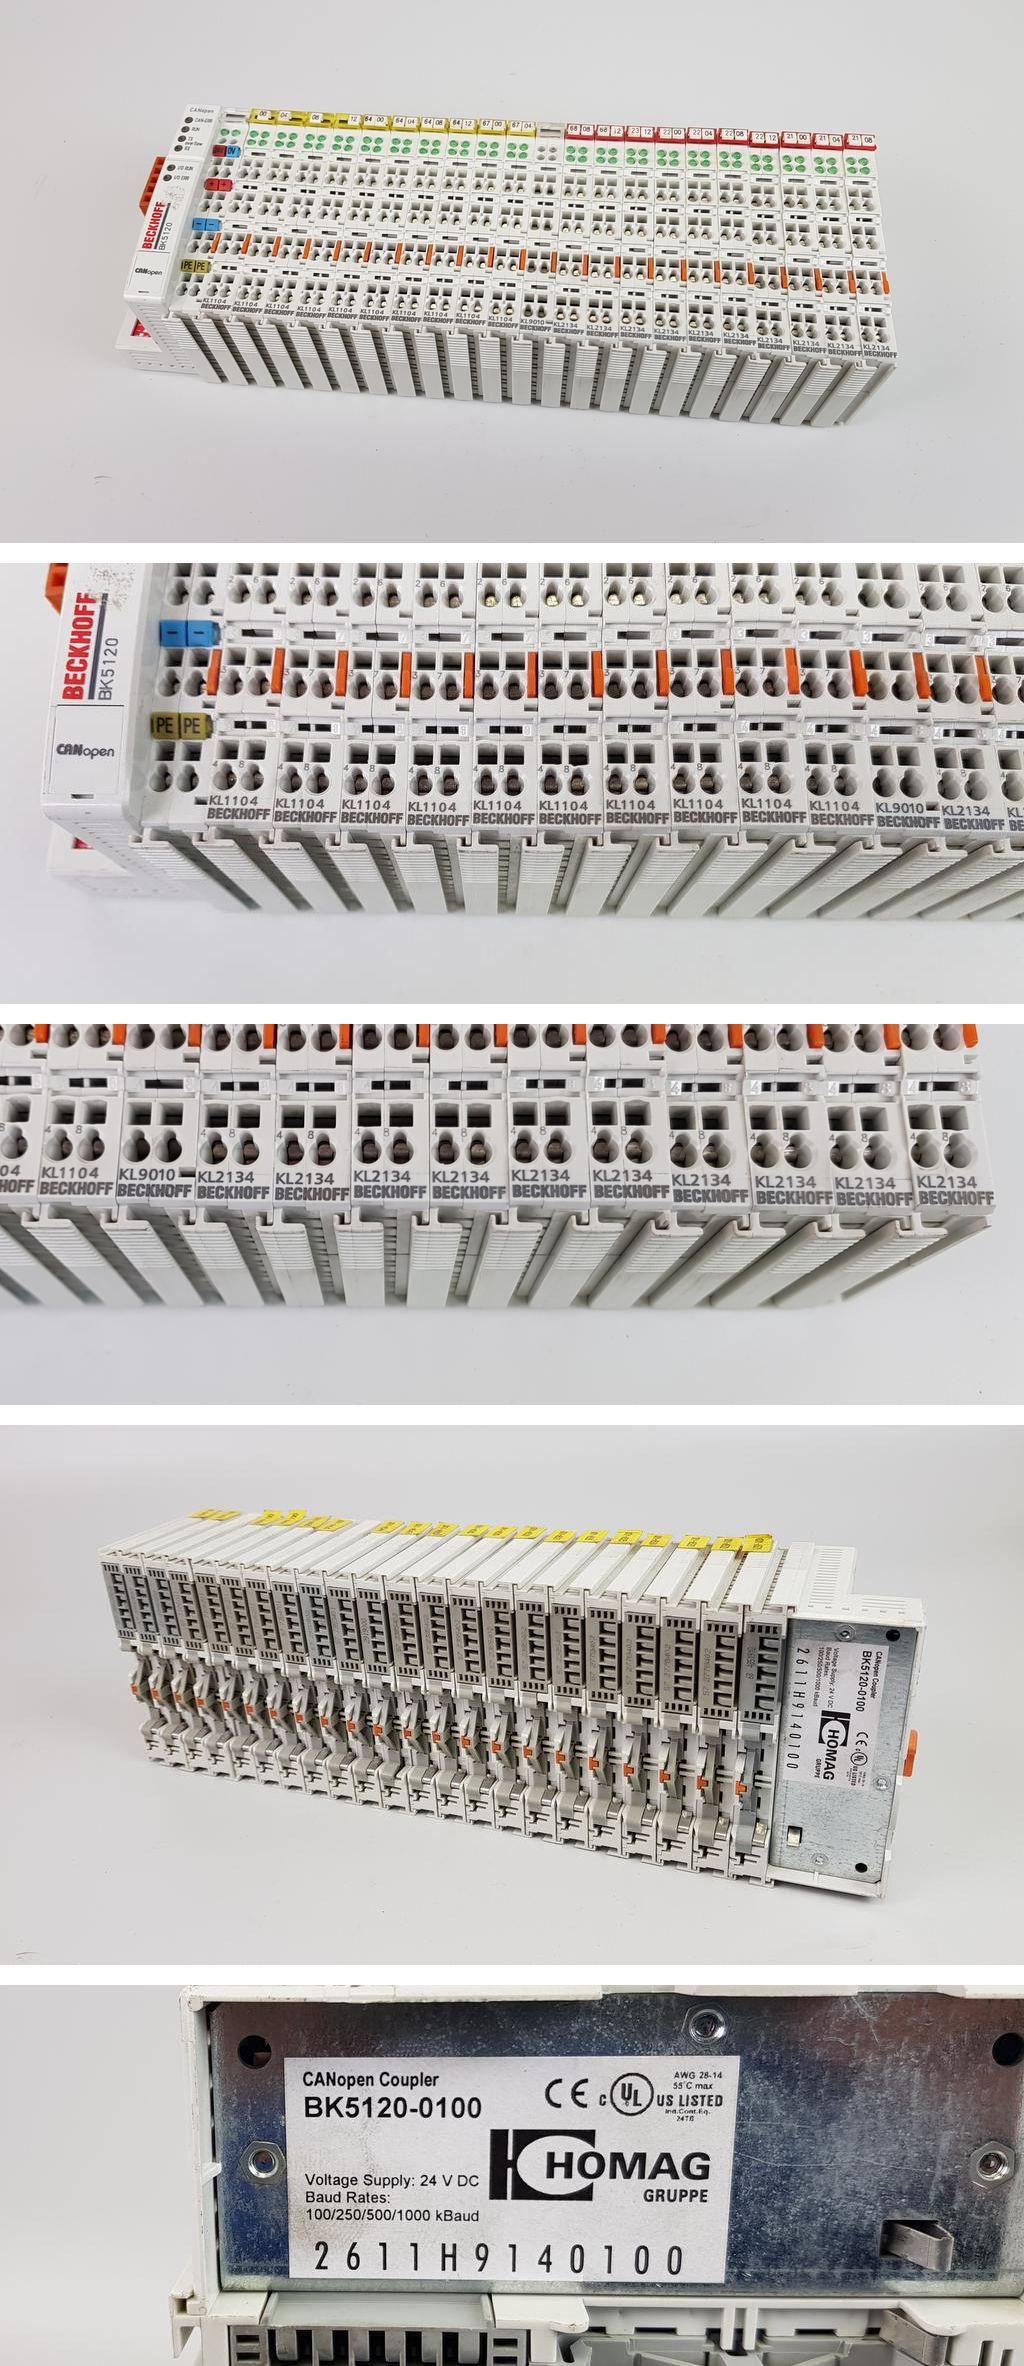 PP7123 Posten 22 Stück Module Beckhoff BK5120 KL1104 KL9010 KL2134